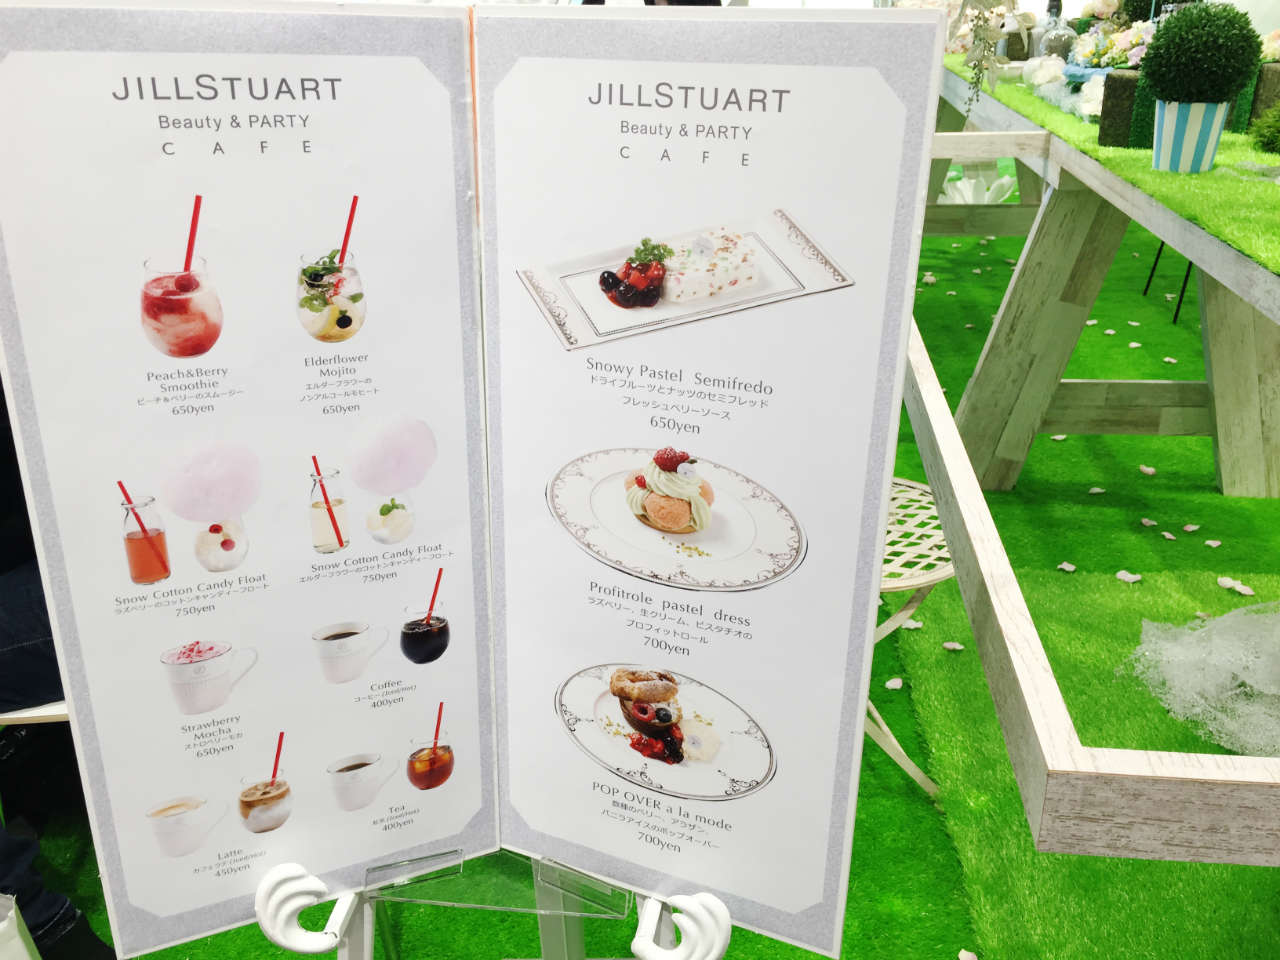 jillstuart-cafe-4